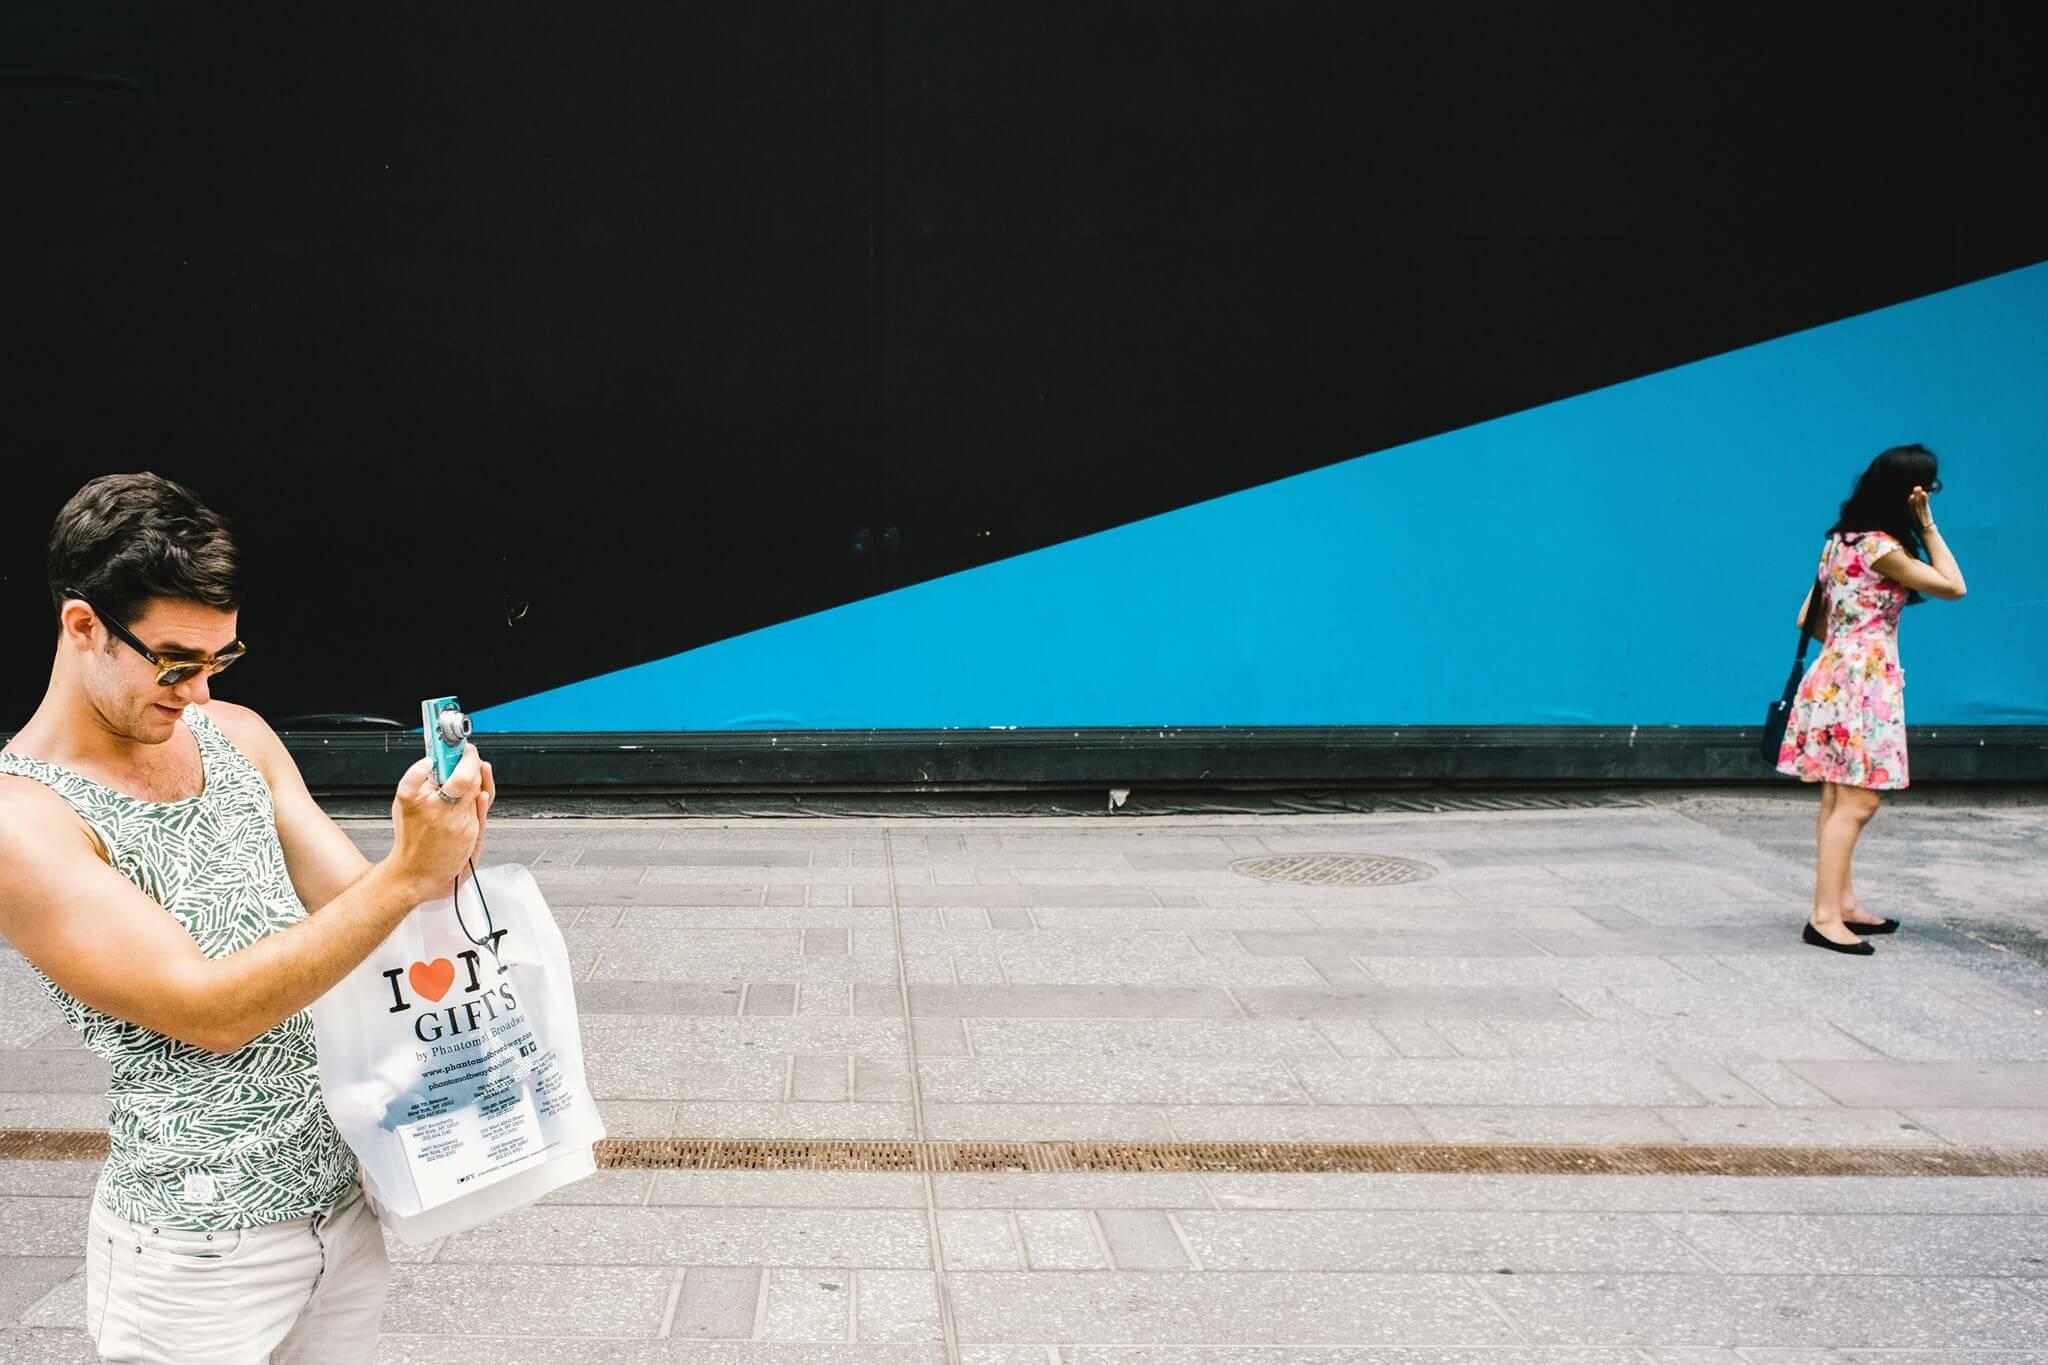 Die Ausstellung World Street Photography zeigt ein Best-of der Straßenfotografie & obendrauf wird das dazugehörige Jahrbuch releast!